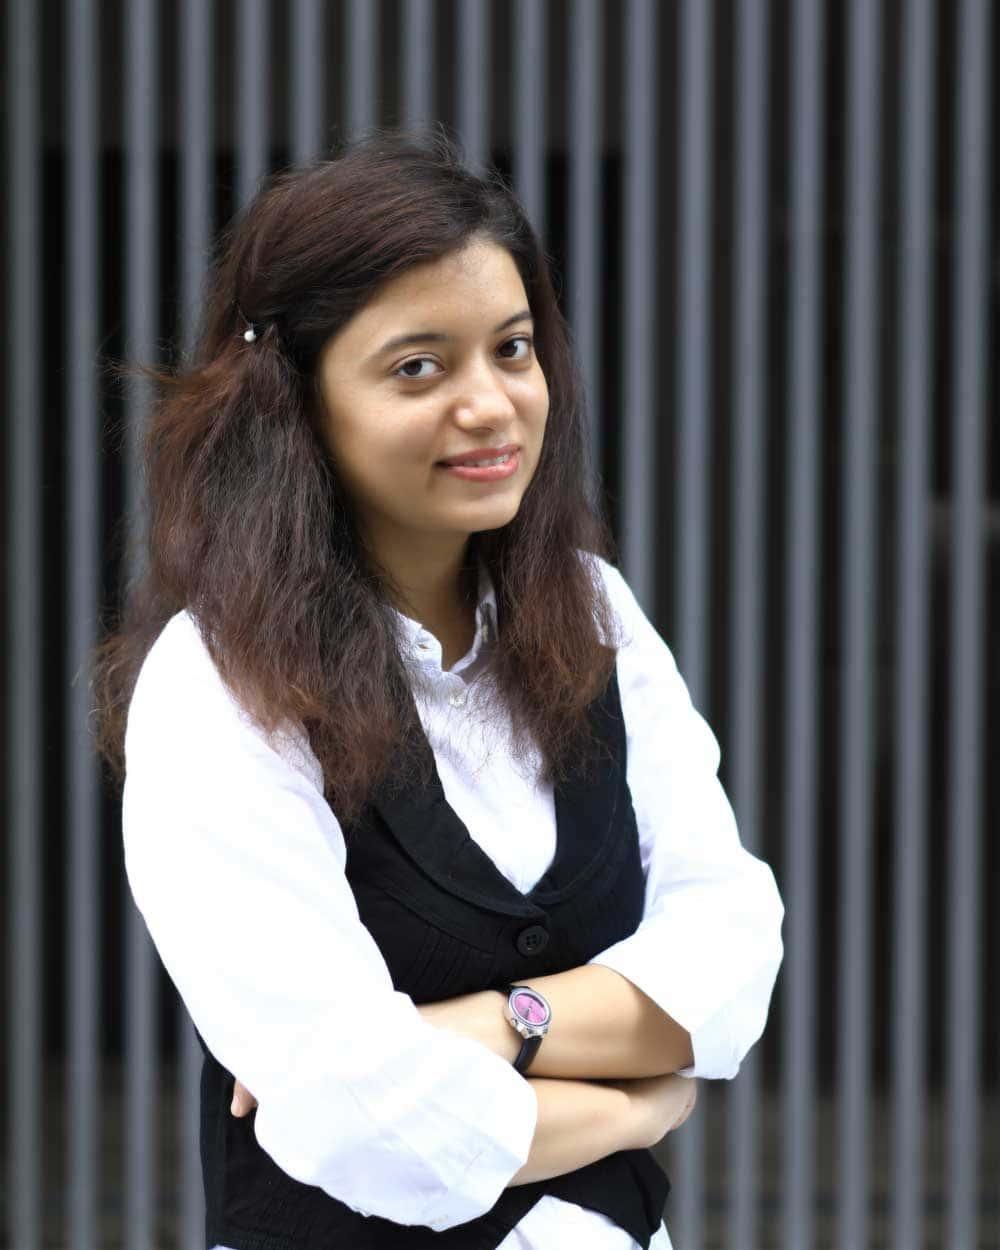 Pooja Lakhwani